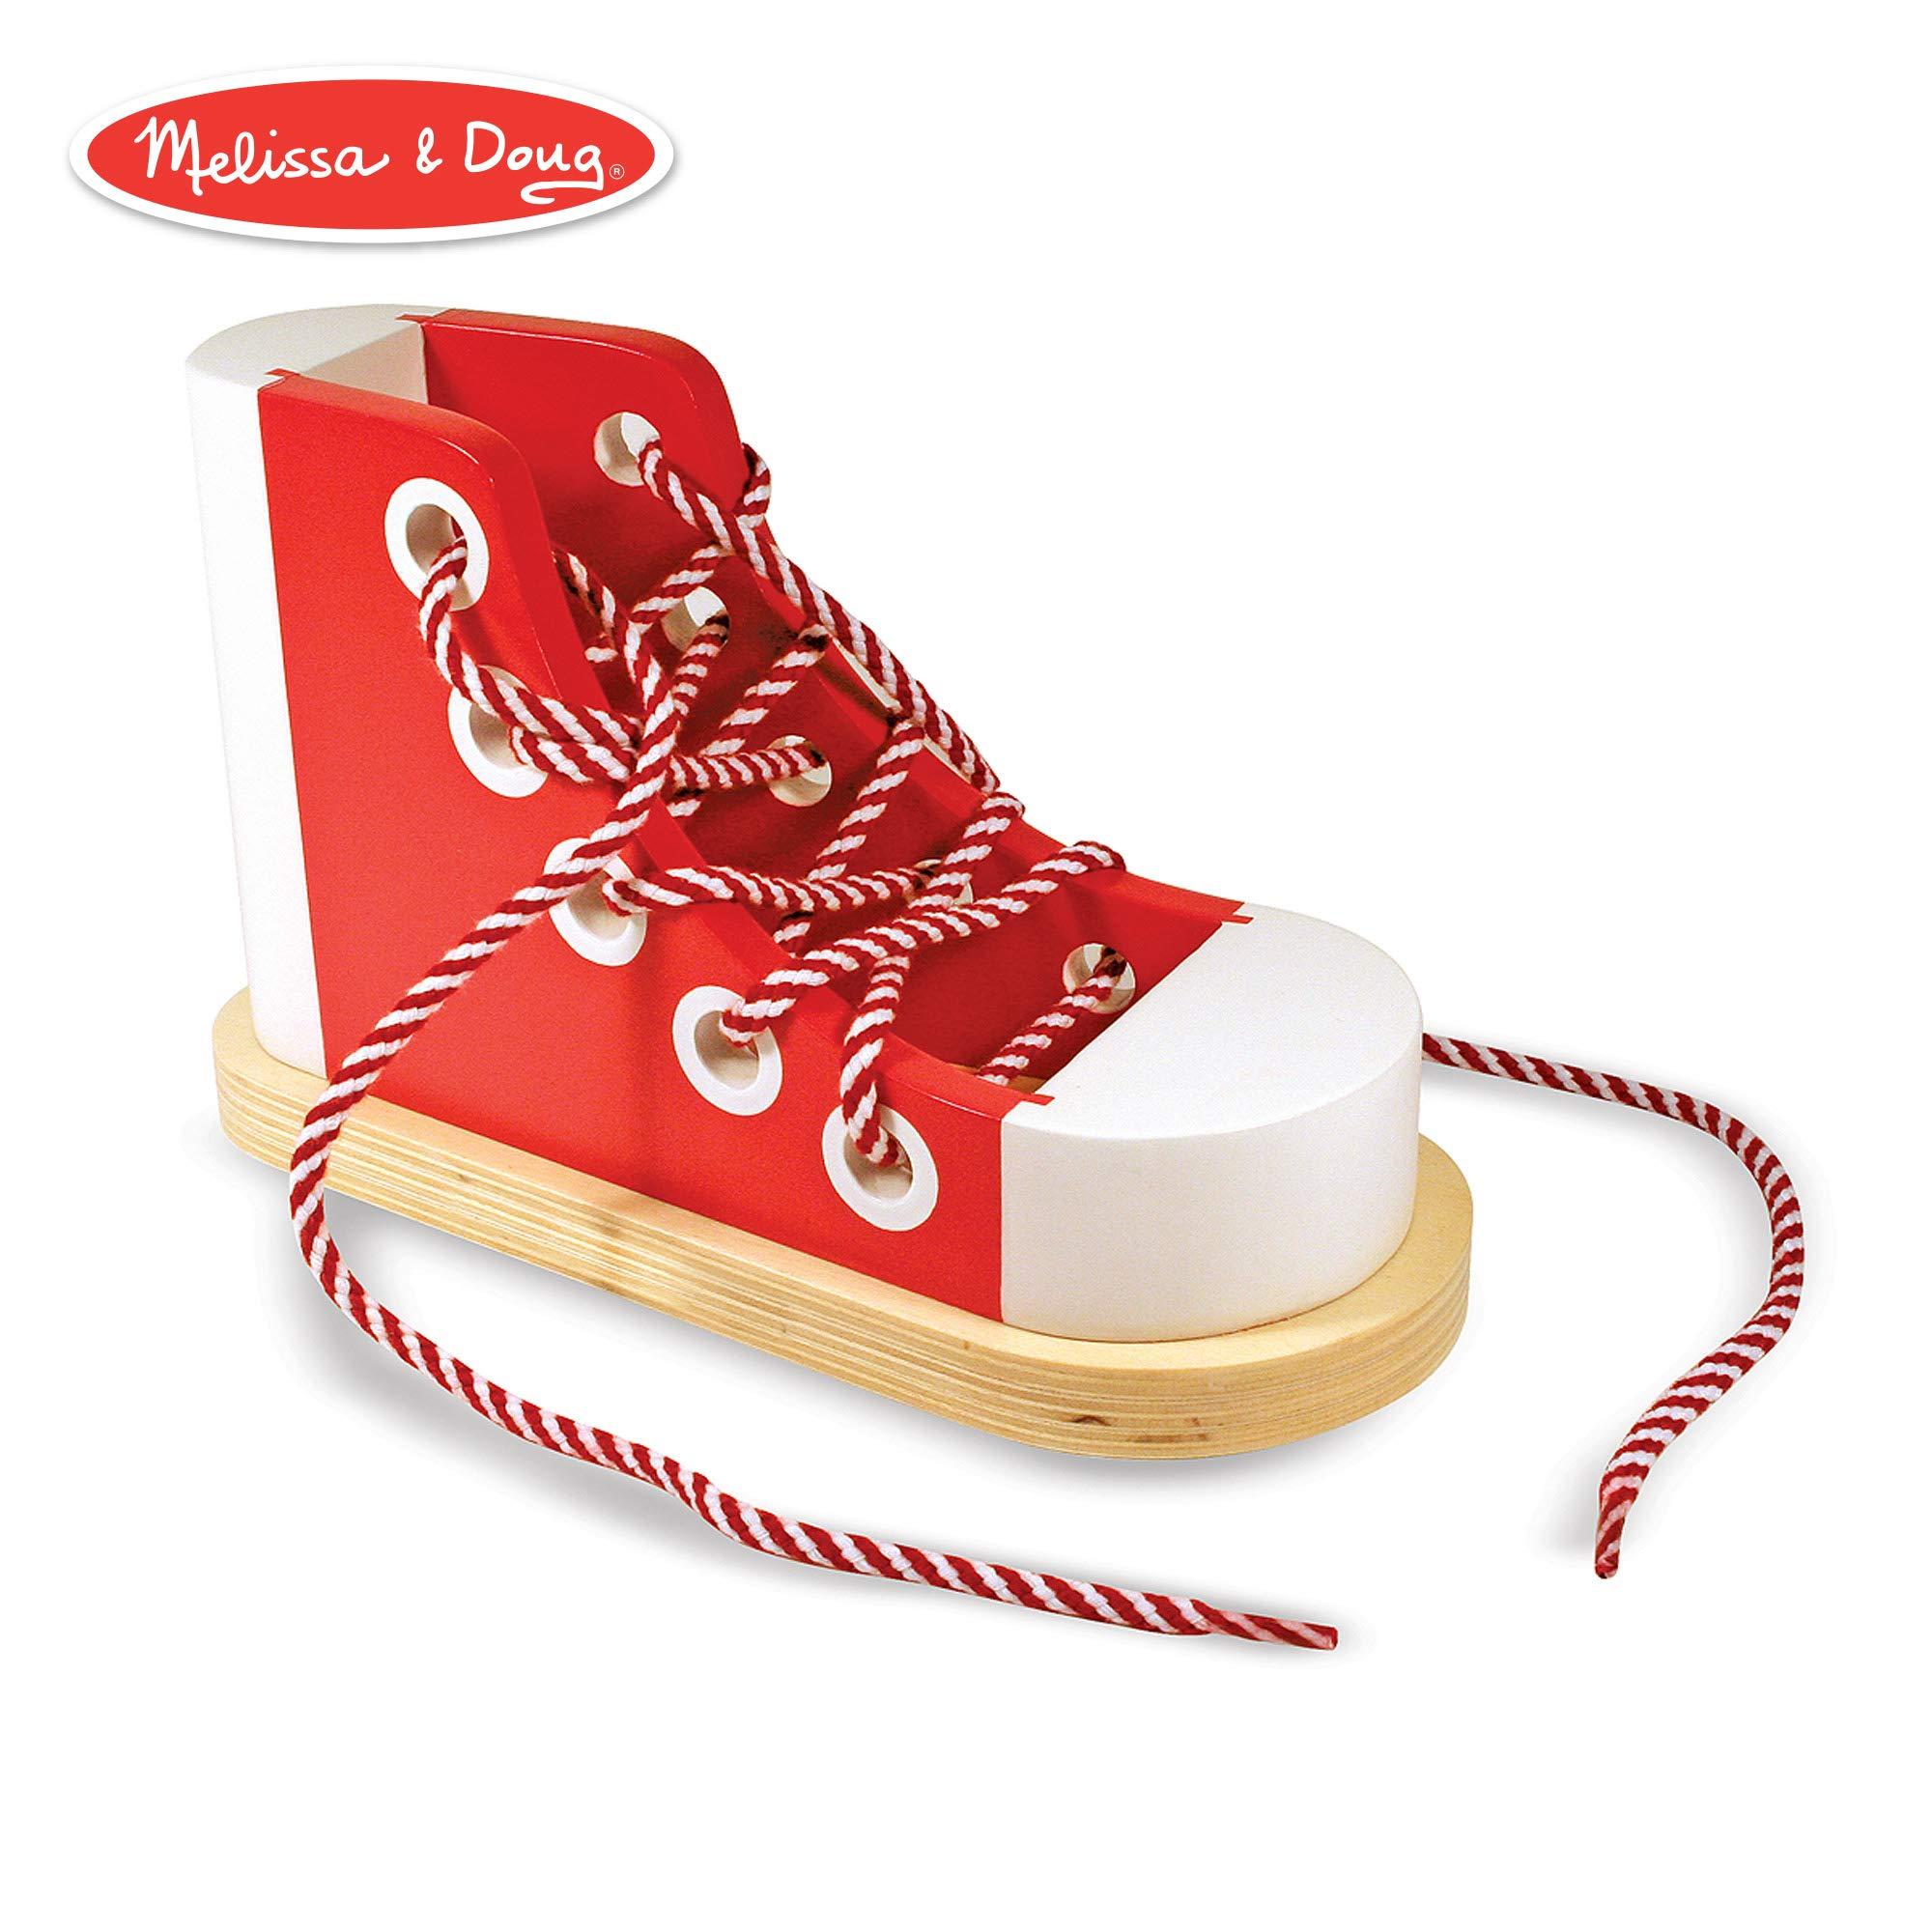 ed356f3a Mejor valorados en Zapatos de cordones para mujer & Opiniones útiles ...